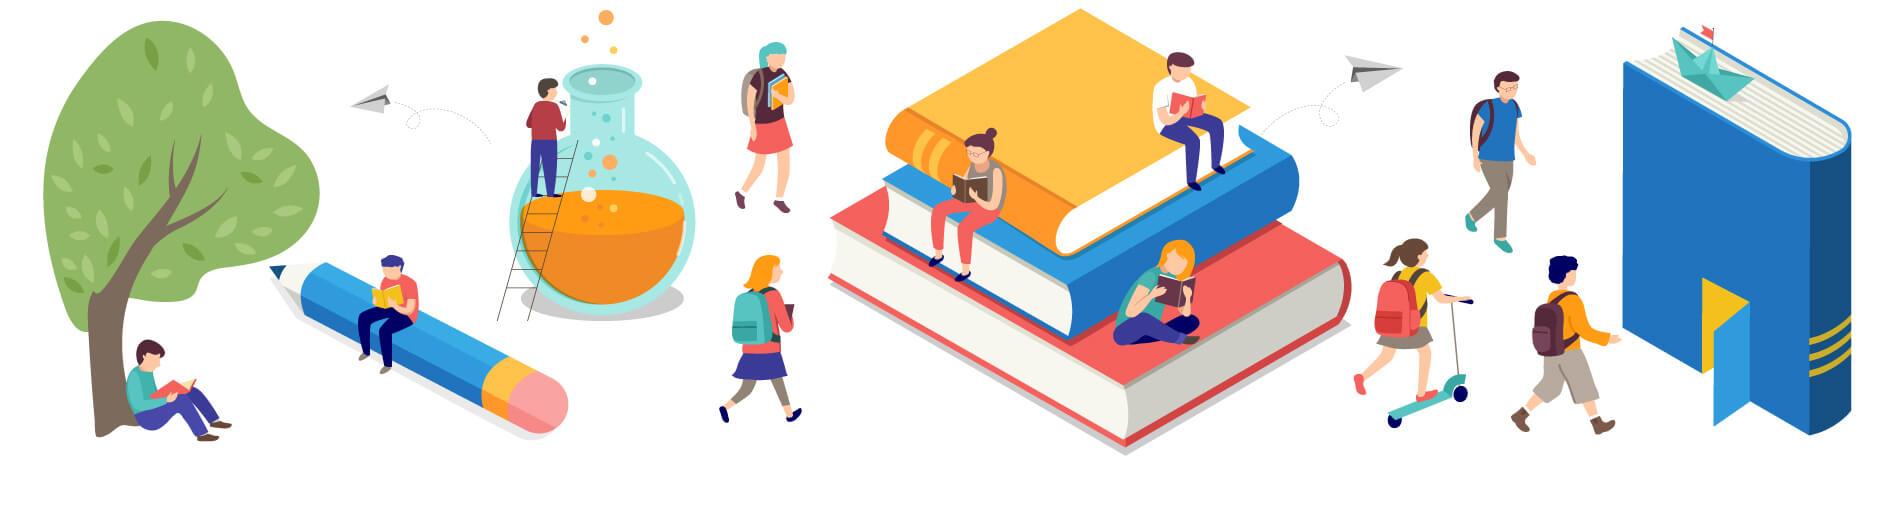 ۲۰ پیشنهاد برای ایجاد یک محیط یادگیری امن و قابل اعتماد